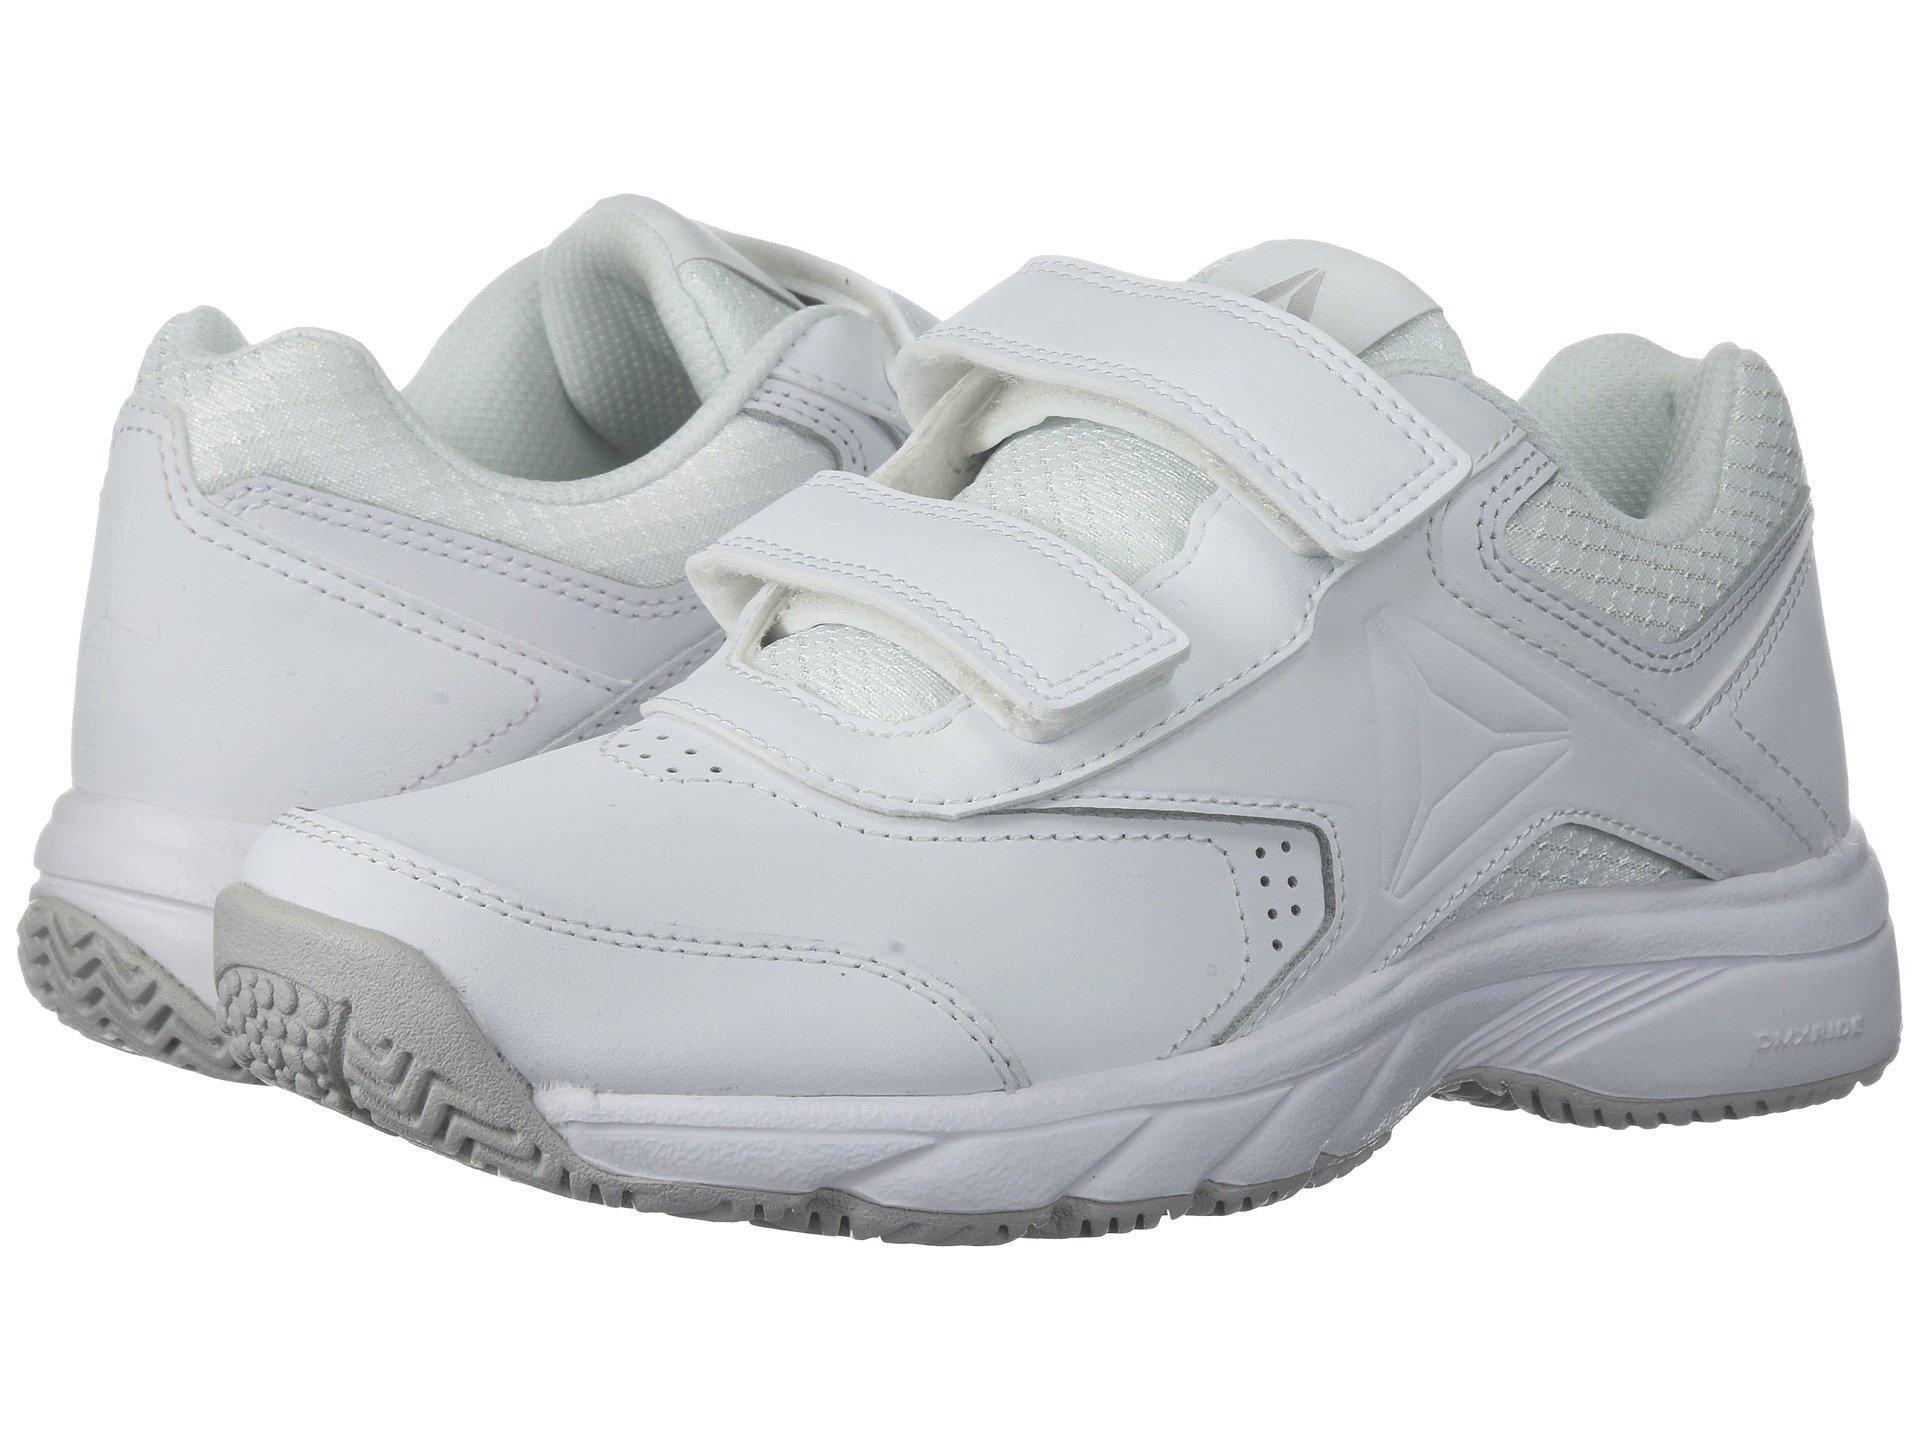 Reebok , White/steel